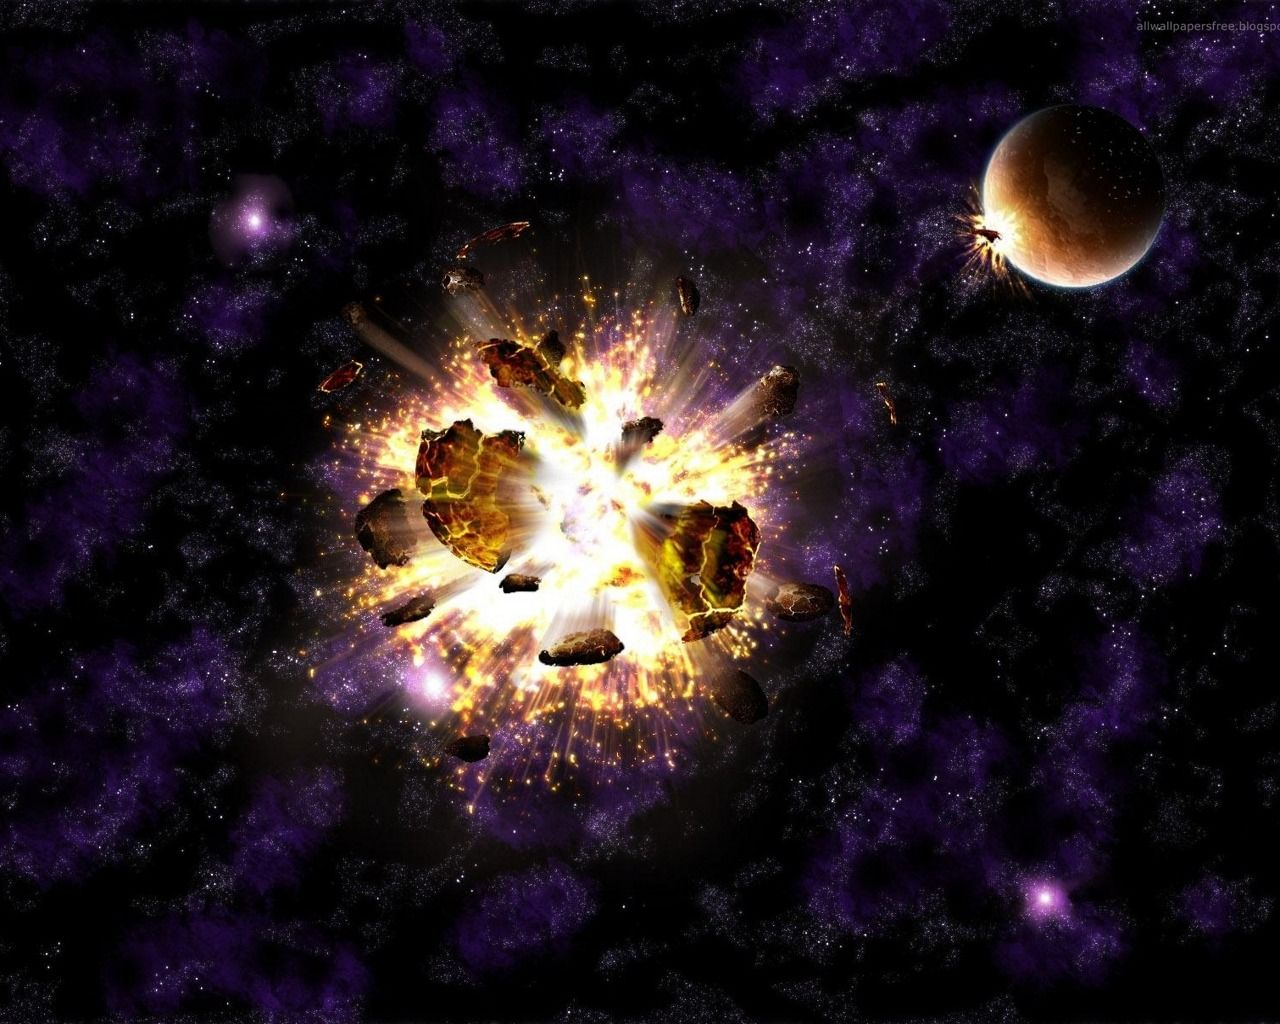 Взрыв в космосе картинка